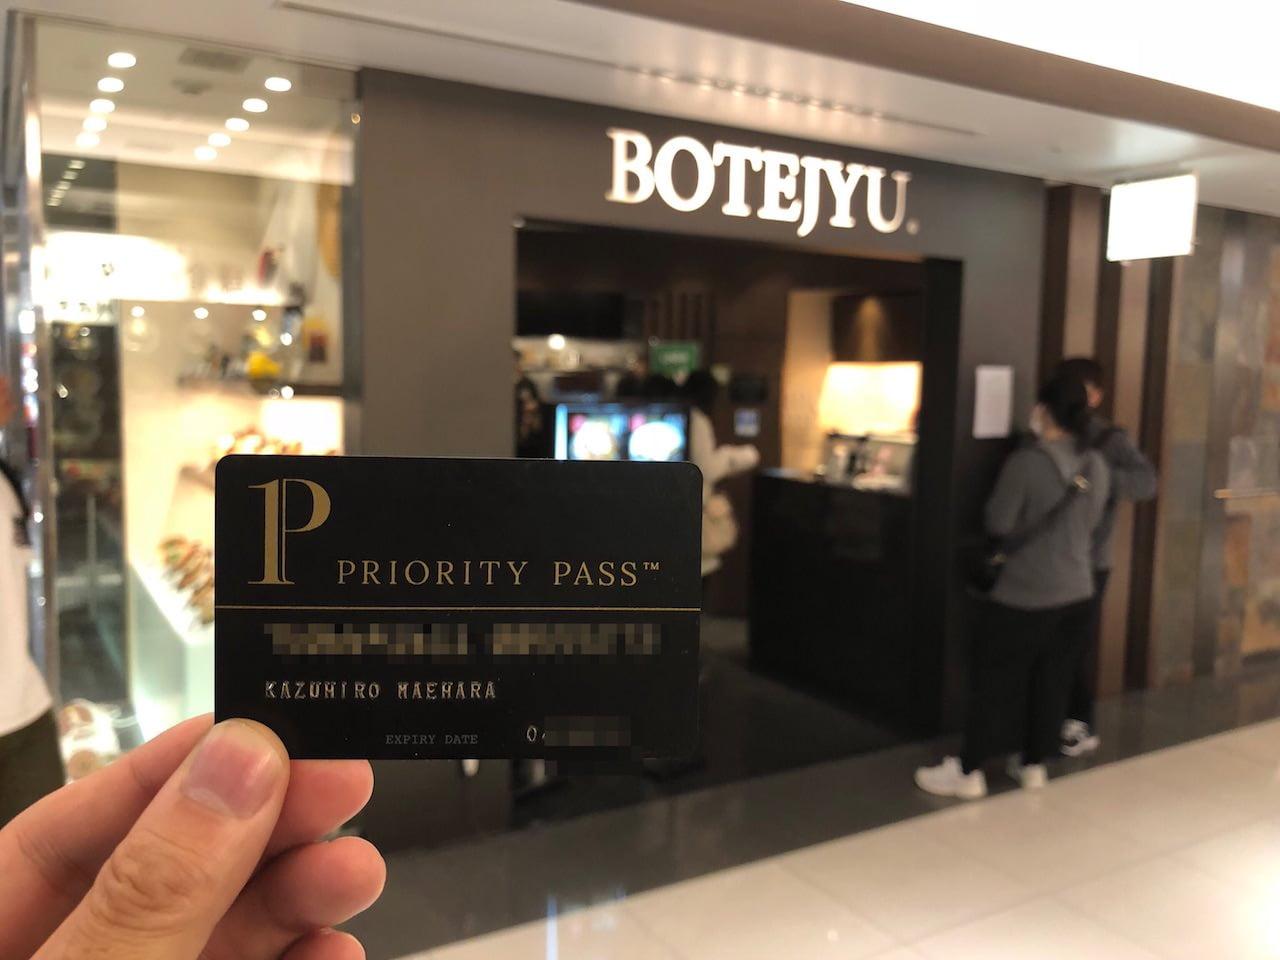 Kanku prioritypass boteju 0020